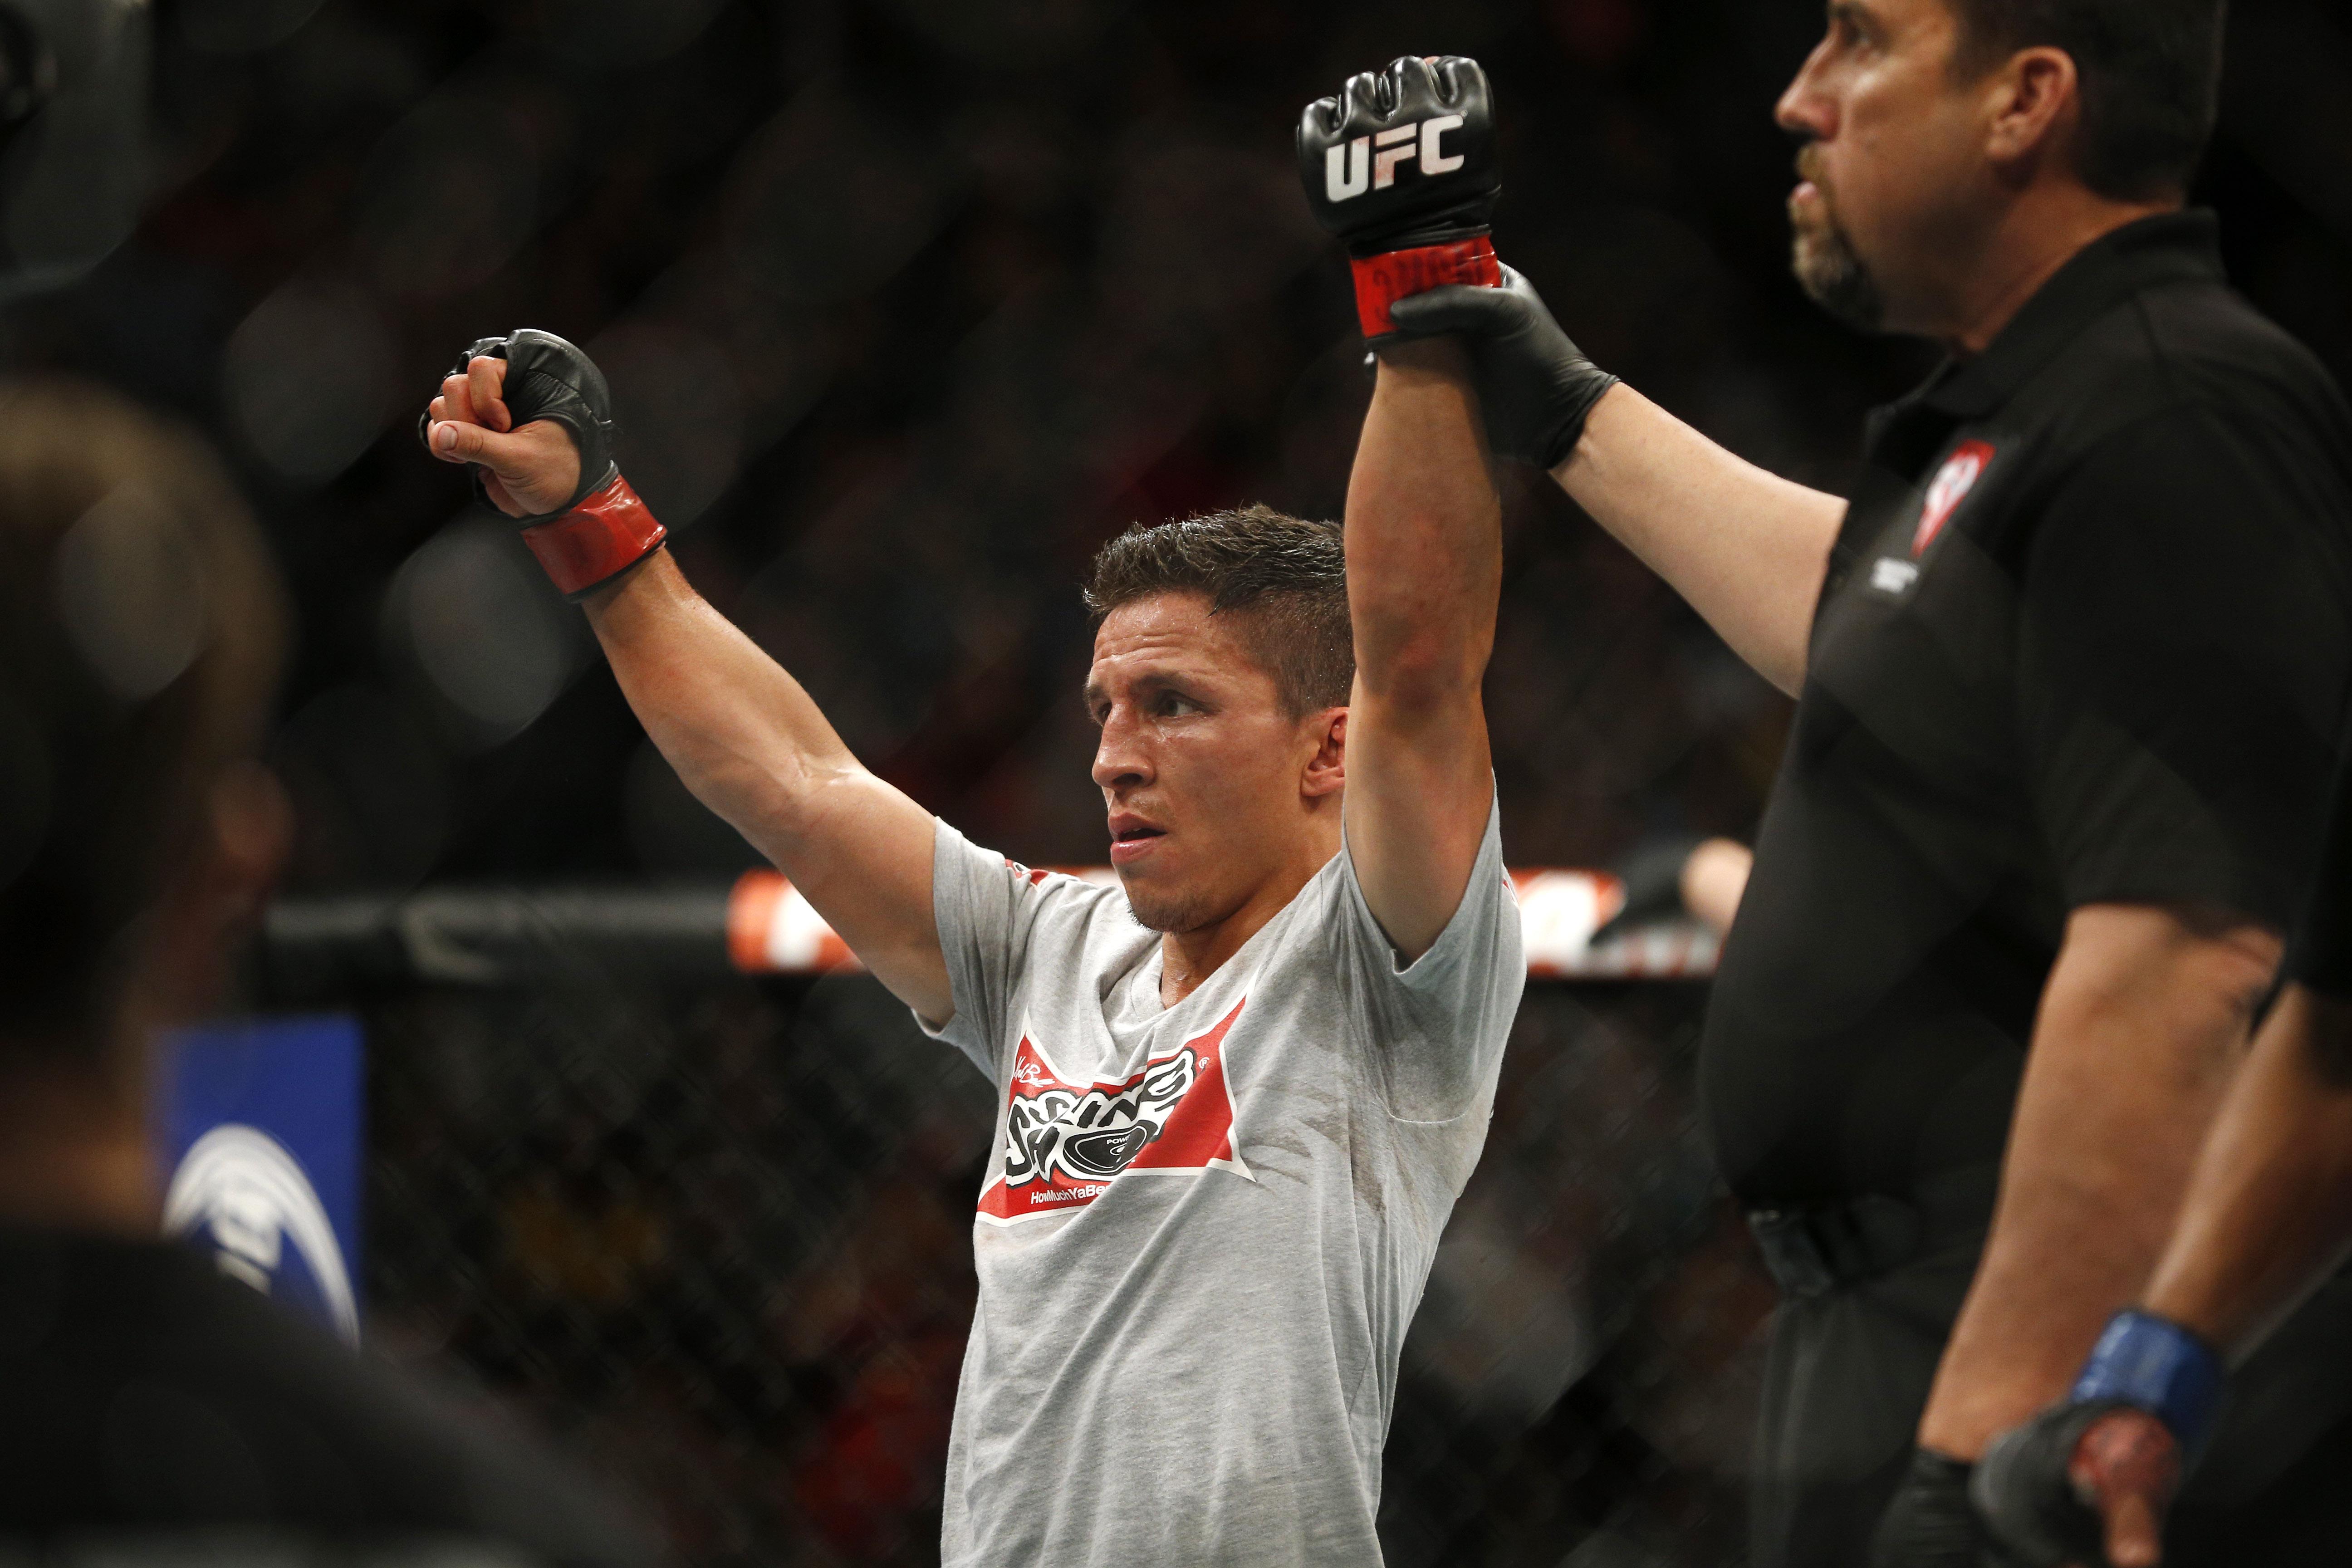 Joseph Benavidez celebrates after defeating John Moraga at UFC 187. (AP)